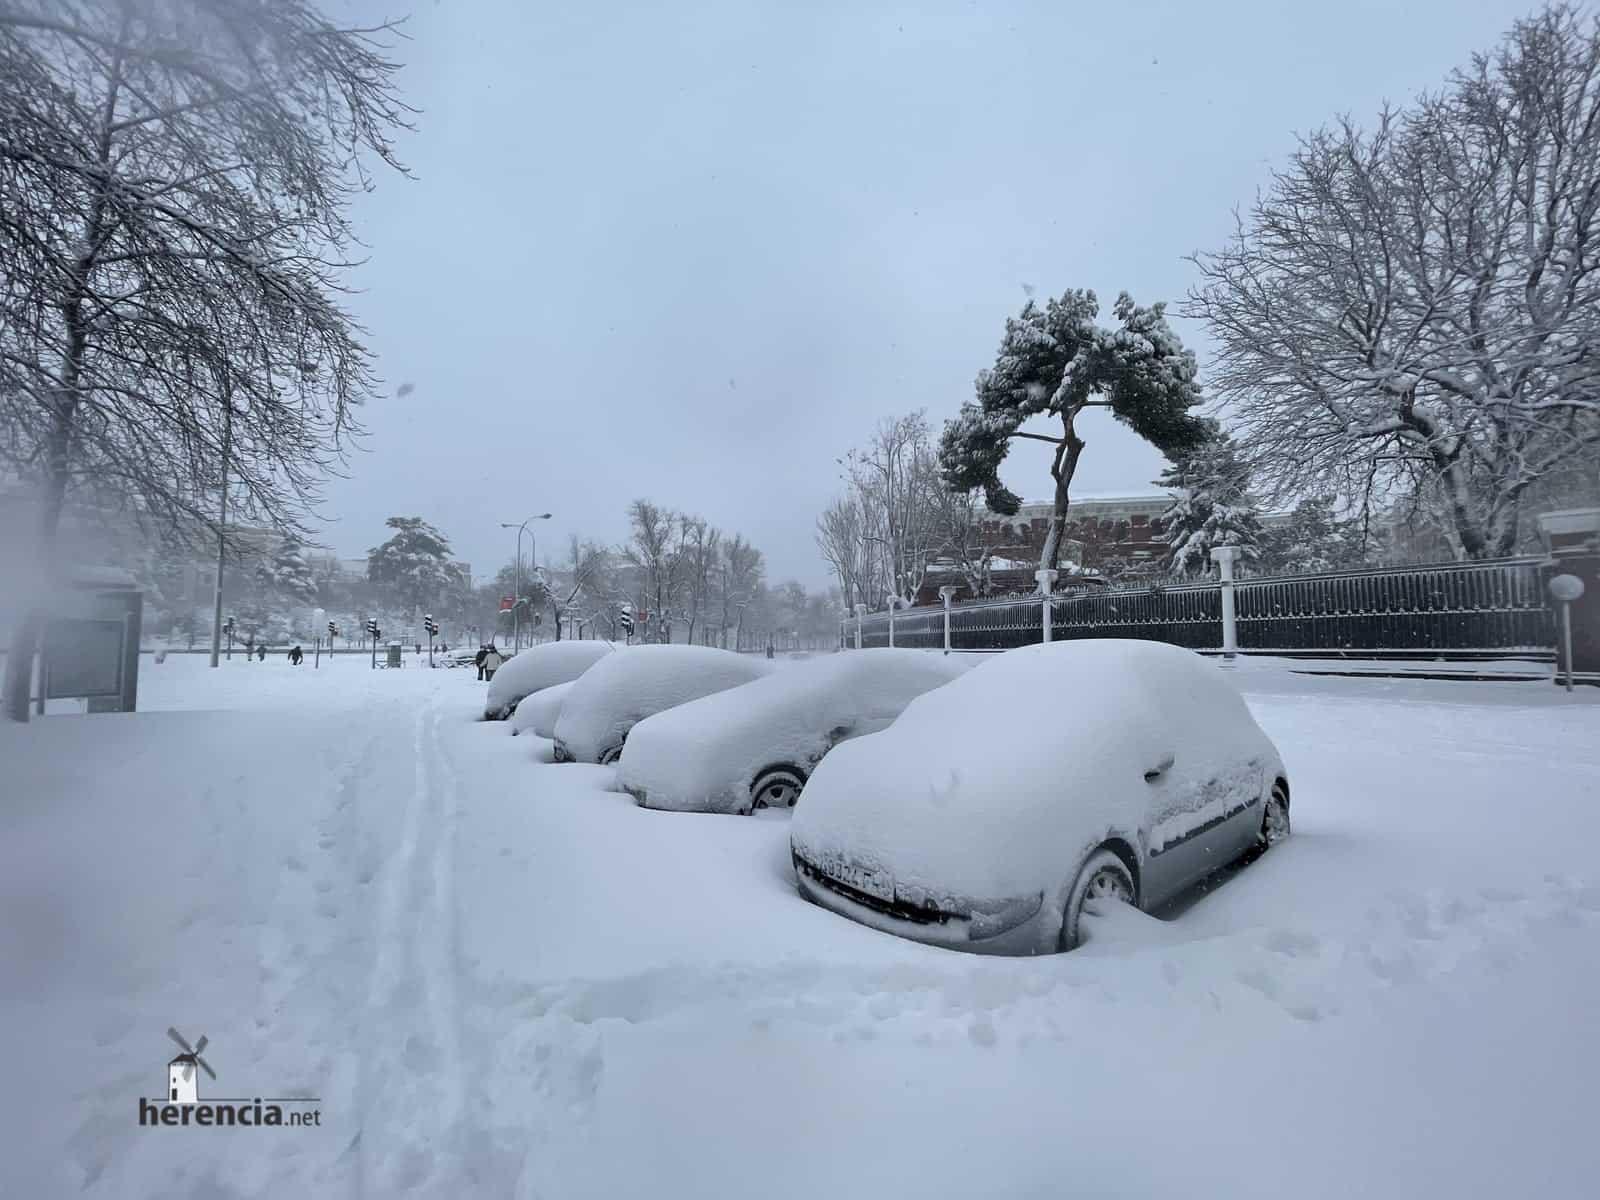 Fotografías de la nevada de enero en Madrid (España) 228